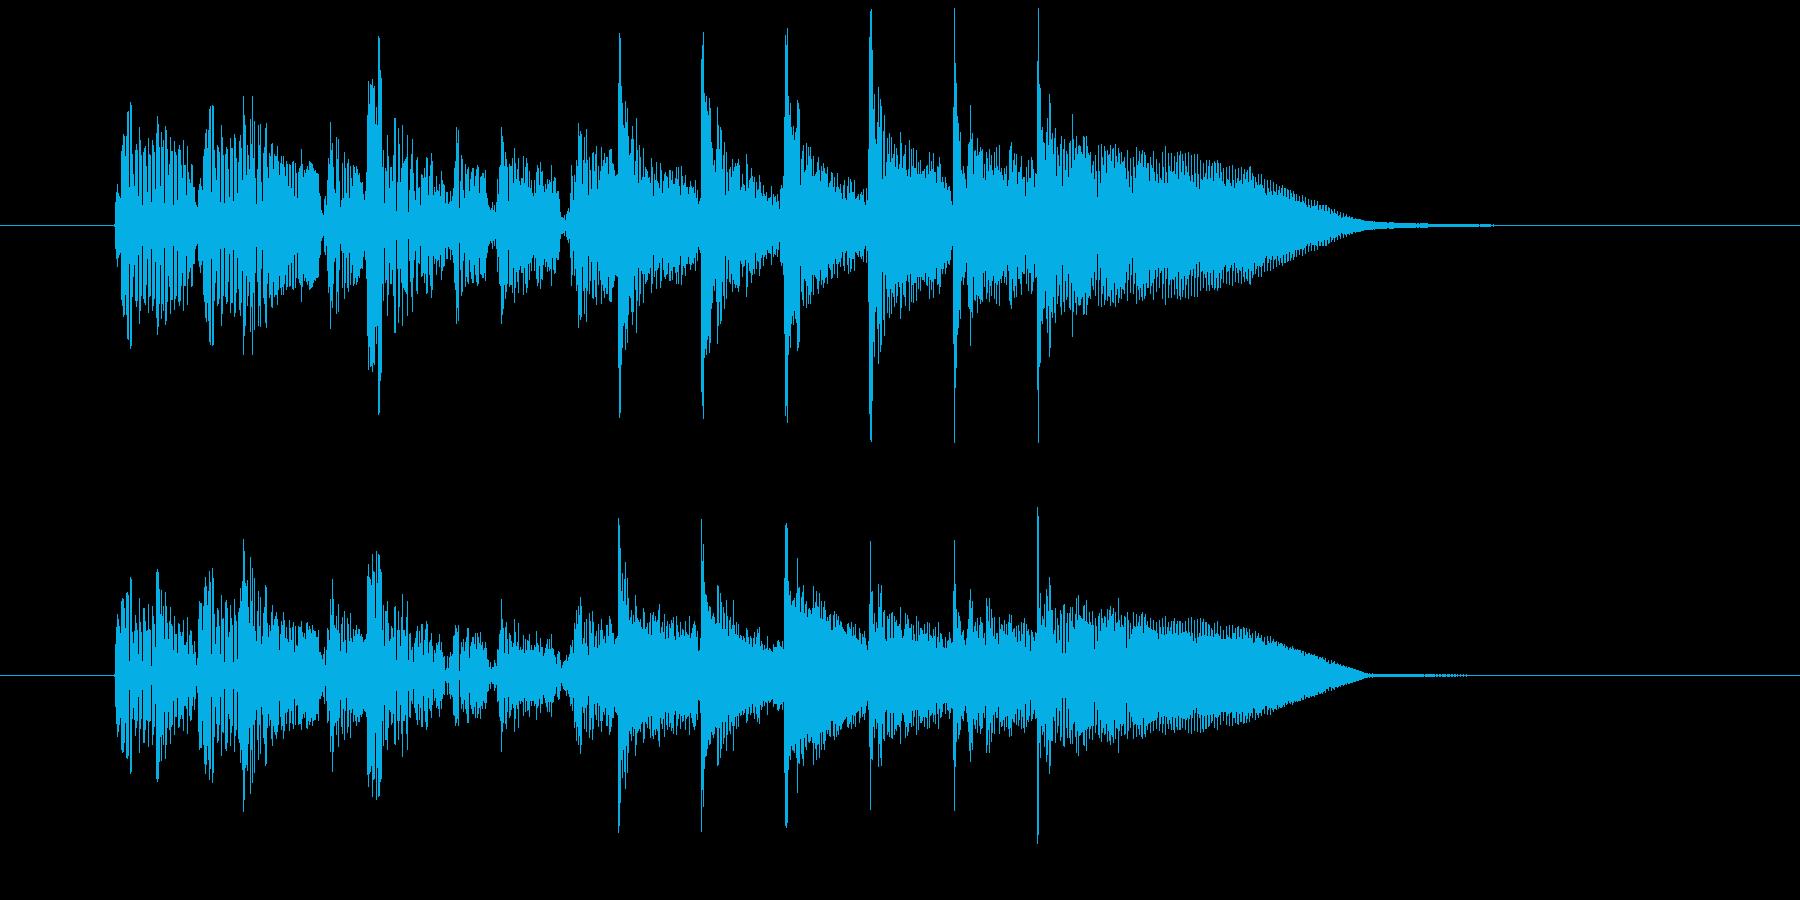 7秒のスローレゲエジングルの再生済みの波形